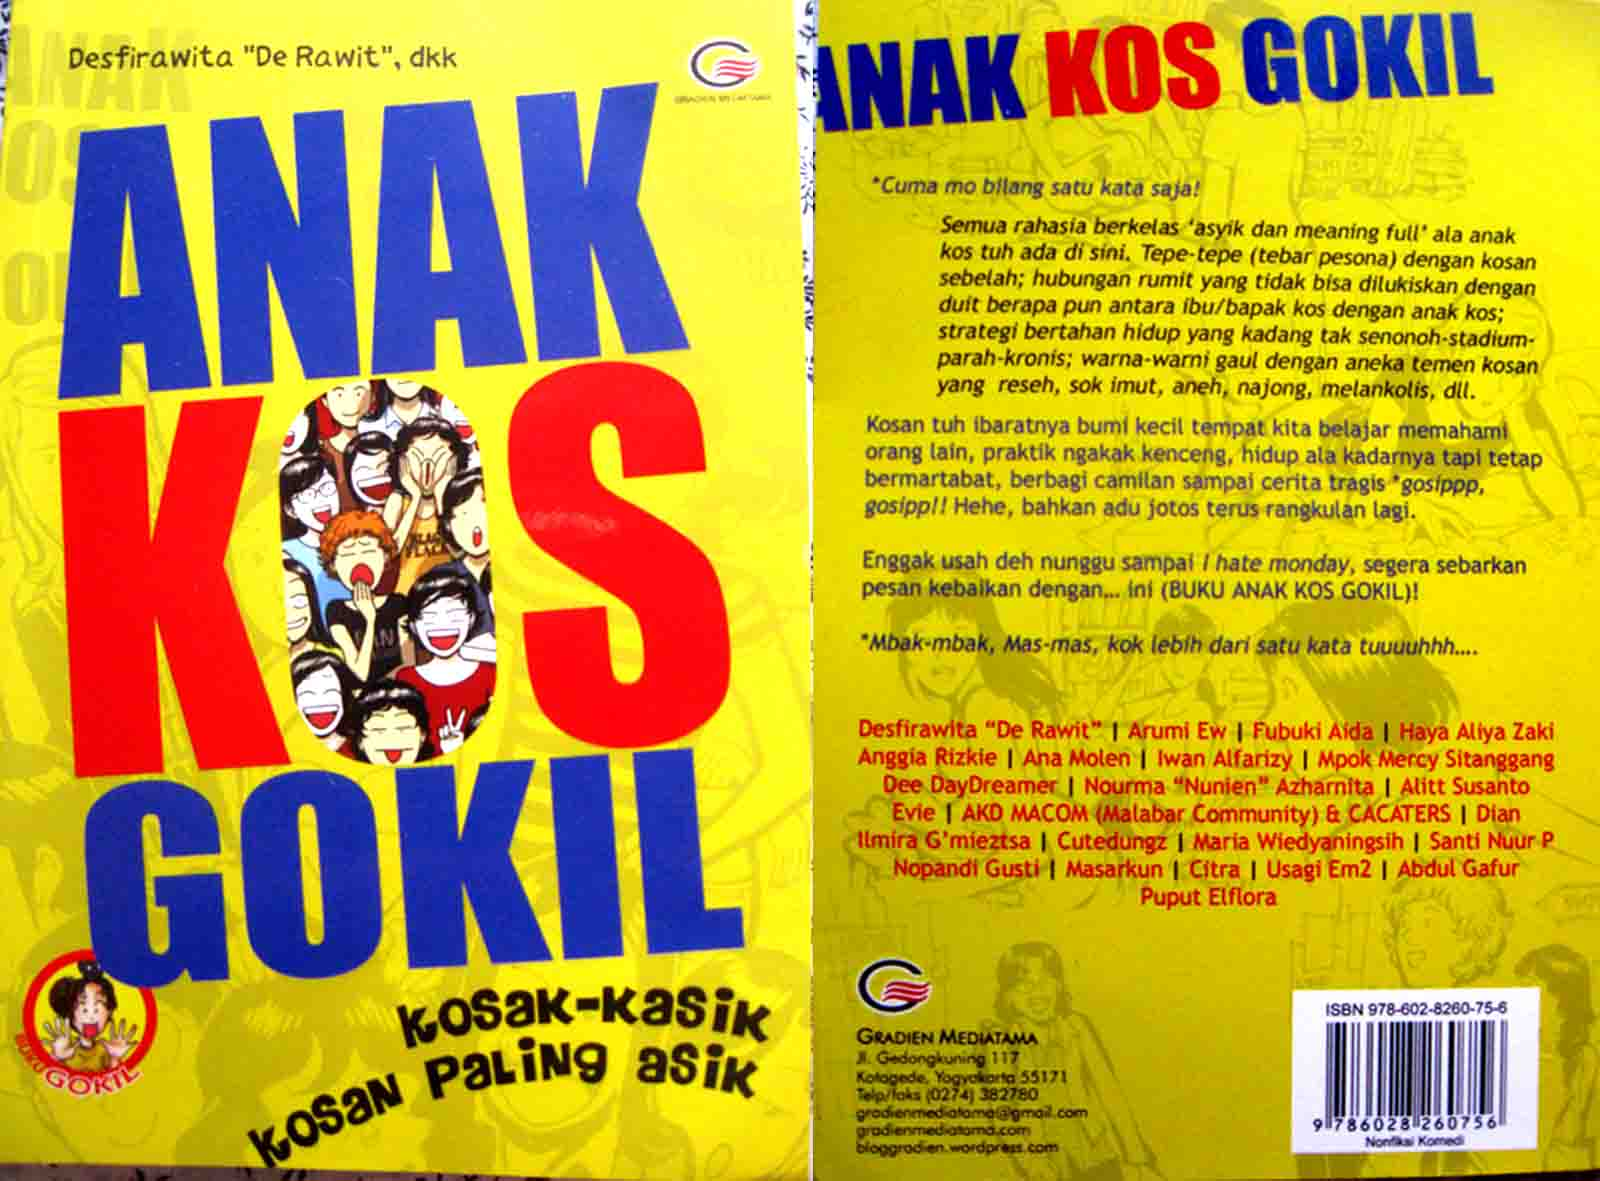 ARUMIS STORIES Telah Terbit Lagi Buku Antologiku ANAK KOS GOKIL